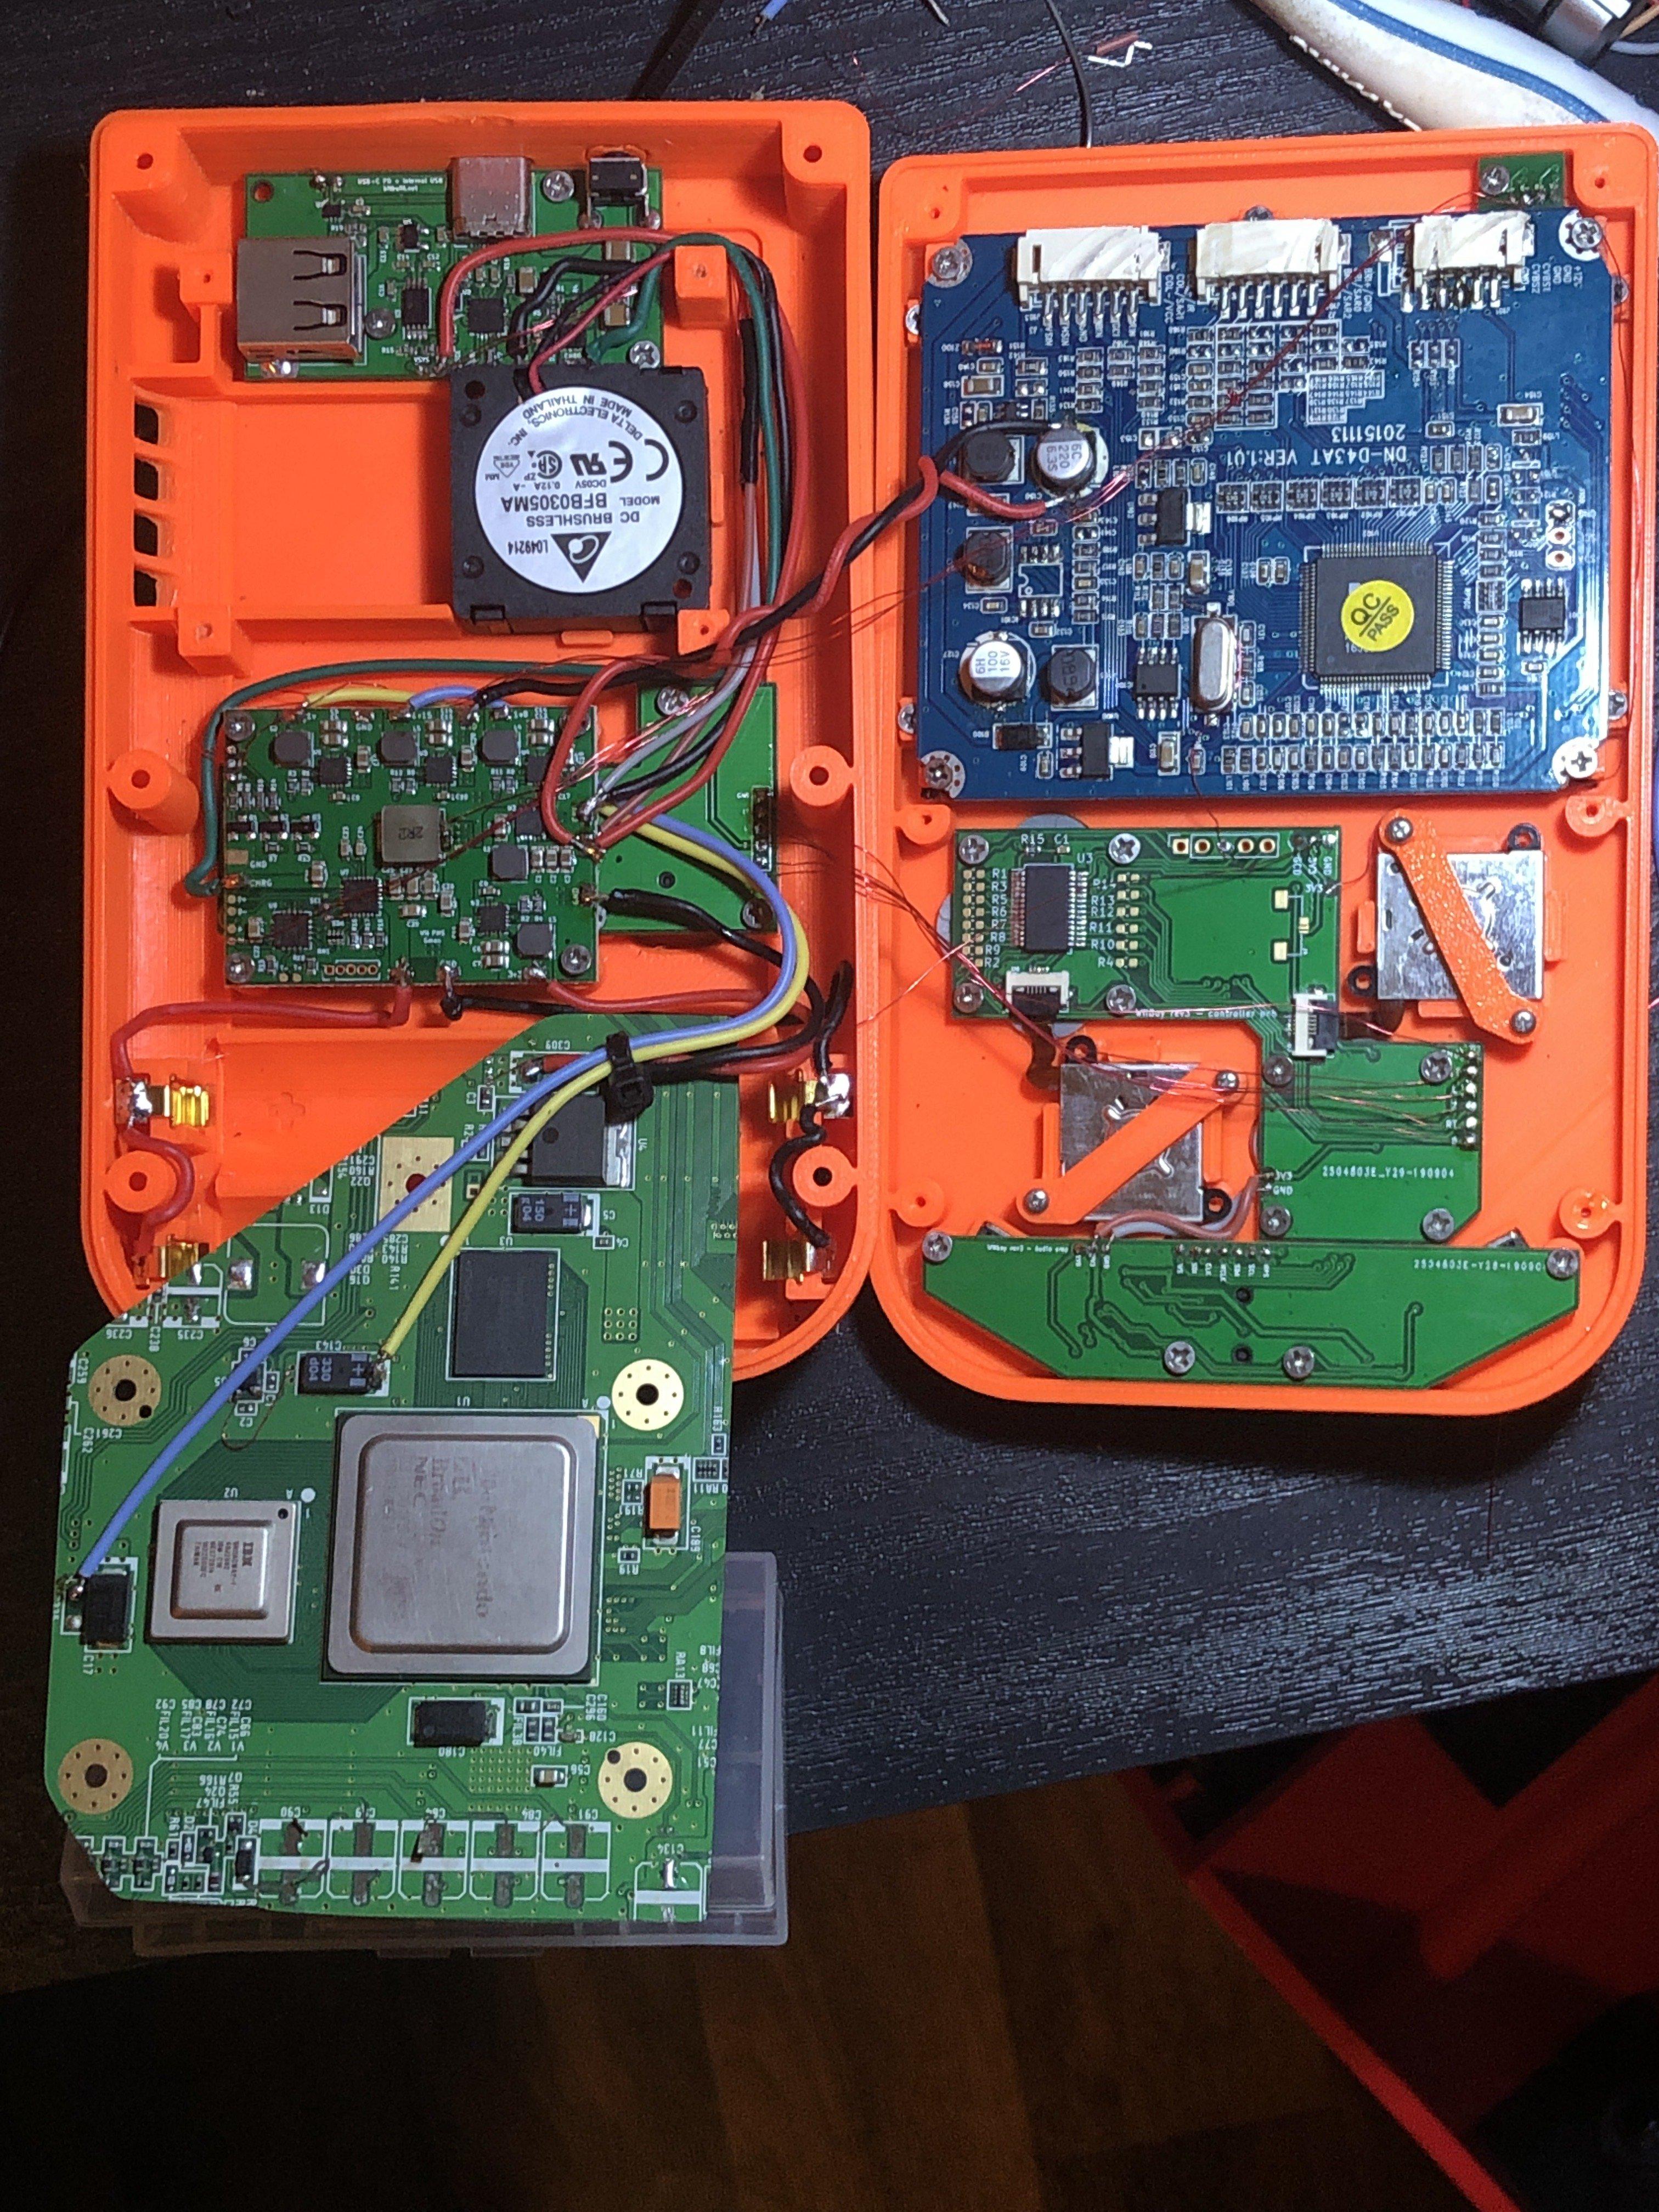 DFEC4758-3C01-4FB3-A99E-6228F3AC0693.jpeg